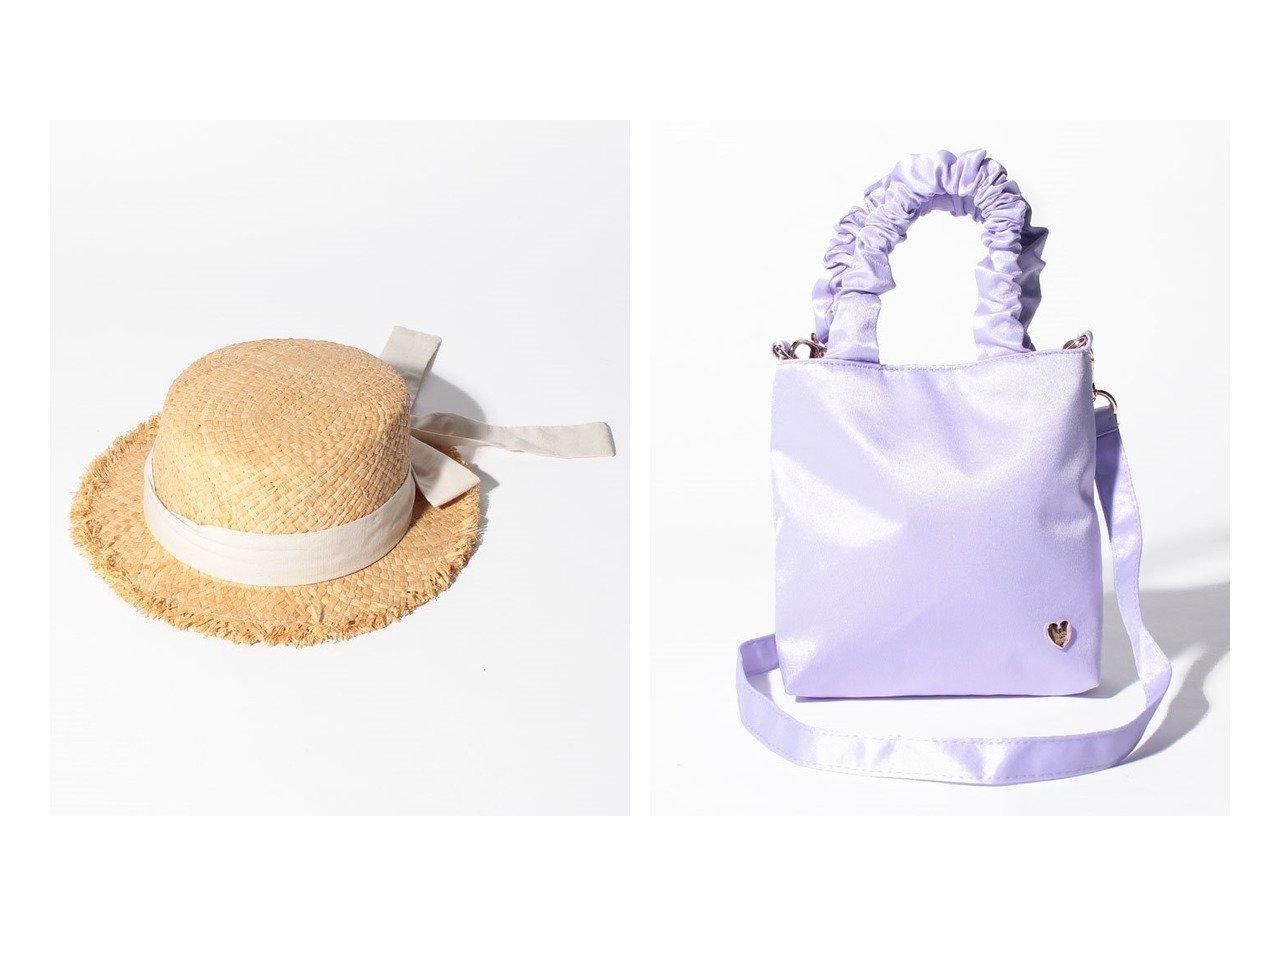 【petit main / KIDS/プティマイン】のUVケア リボンつきラフィアカンカン帽&持ち手フリルミニバッグ 【KIDS】子供服のおすすめ!人気トレンド・キッズファッションの通販 おすすめで人気の流行・トレンド、ファッションの通販商品 メンズファッション・キッズファッション・インテリア・家具・レディースファッション・服の通販 founy(ファニー) https://founy.com/ ファッション Fashion キッズファッション KIDS NEW・新作・新着・新入荷 New Arrivals ドローコード ラフィア リゾート リボン 帽子 フリル |ID:crp329100000025213